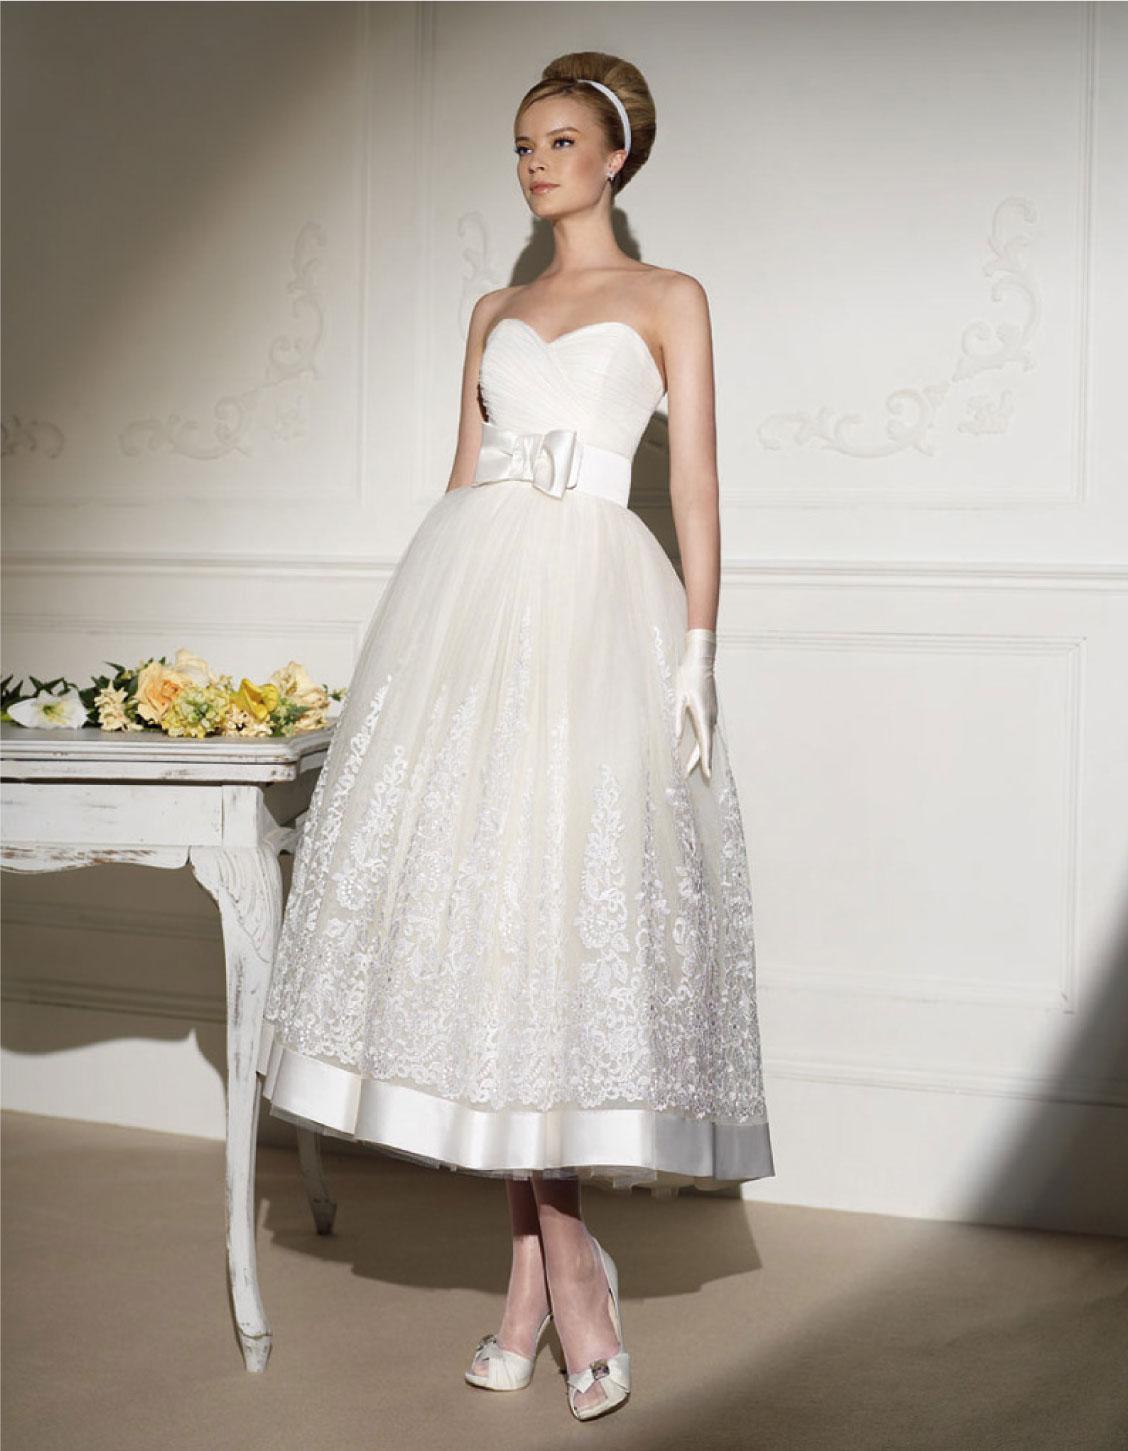 Фото женских платьев с жакетом можно сделать